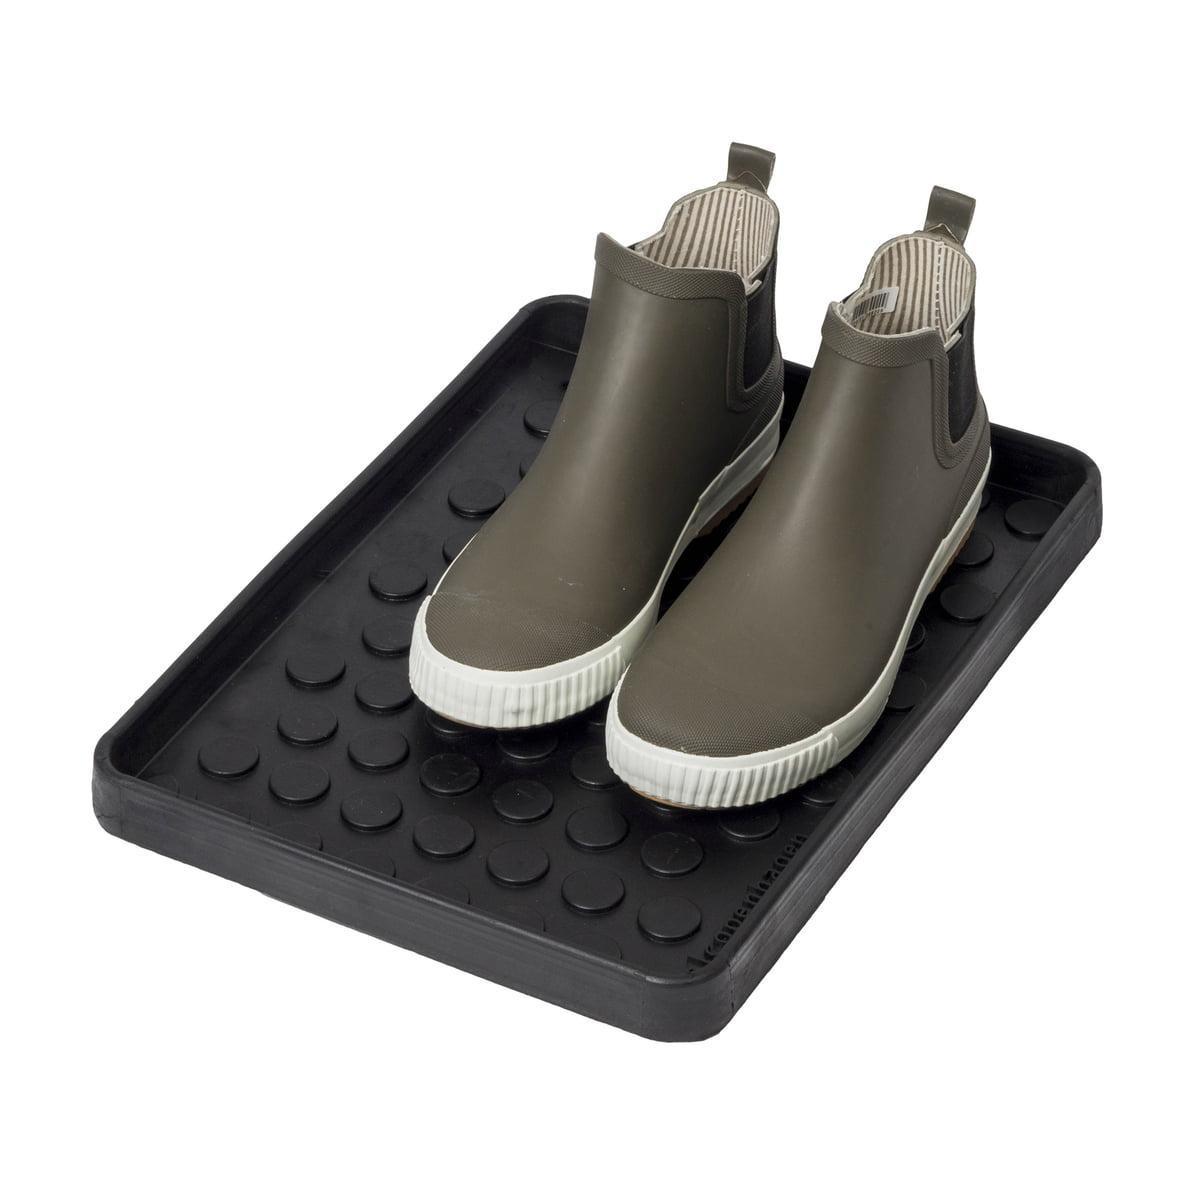 Shoe an boot tray tica copenhagen 28x38 cm Schuh I8Uuyi9ql